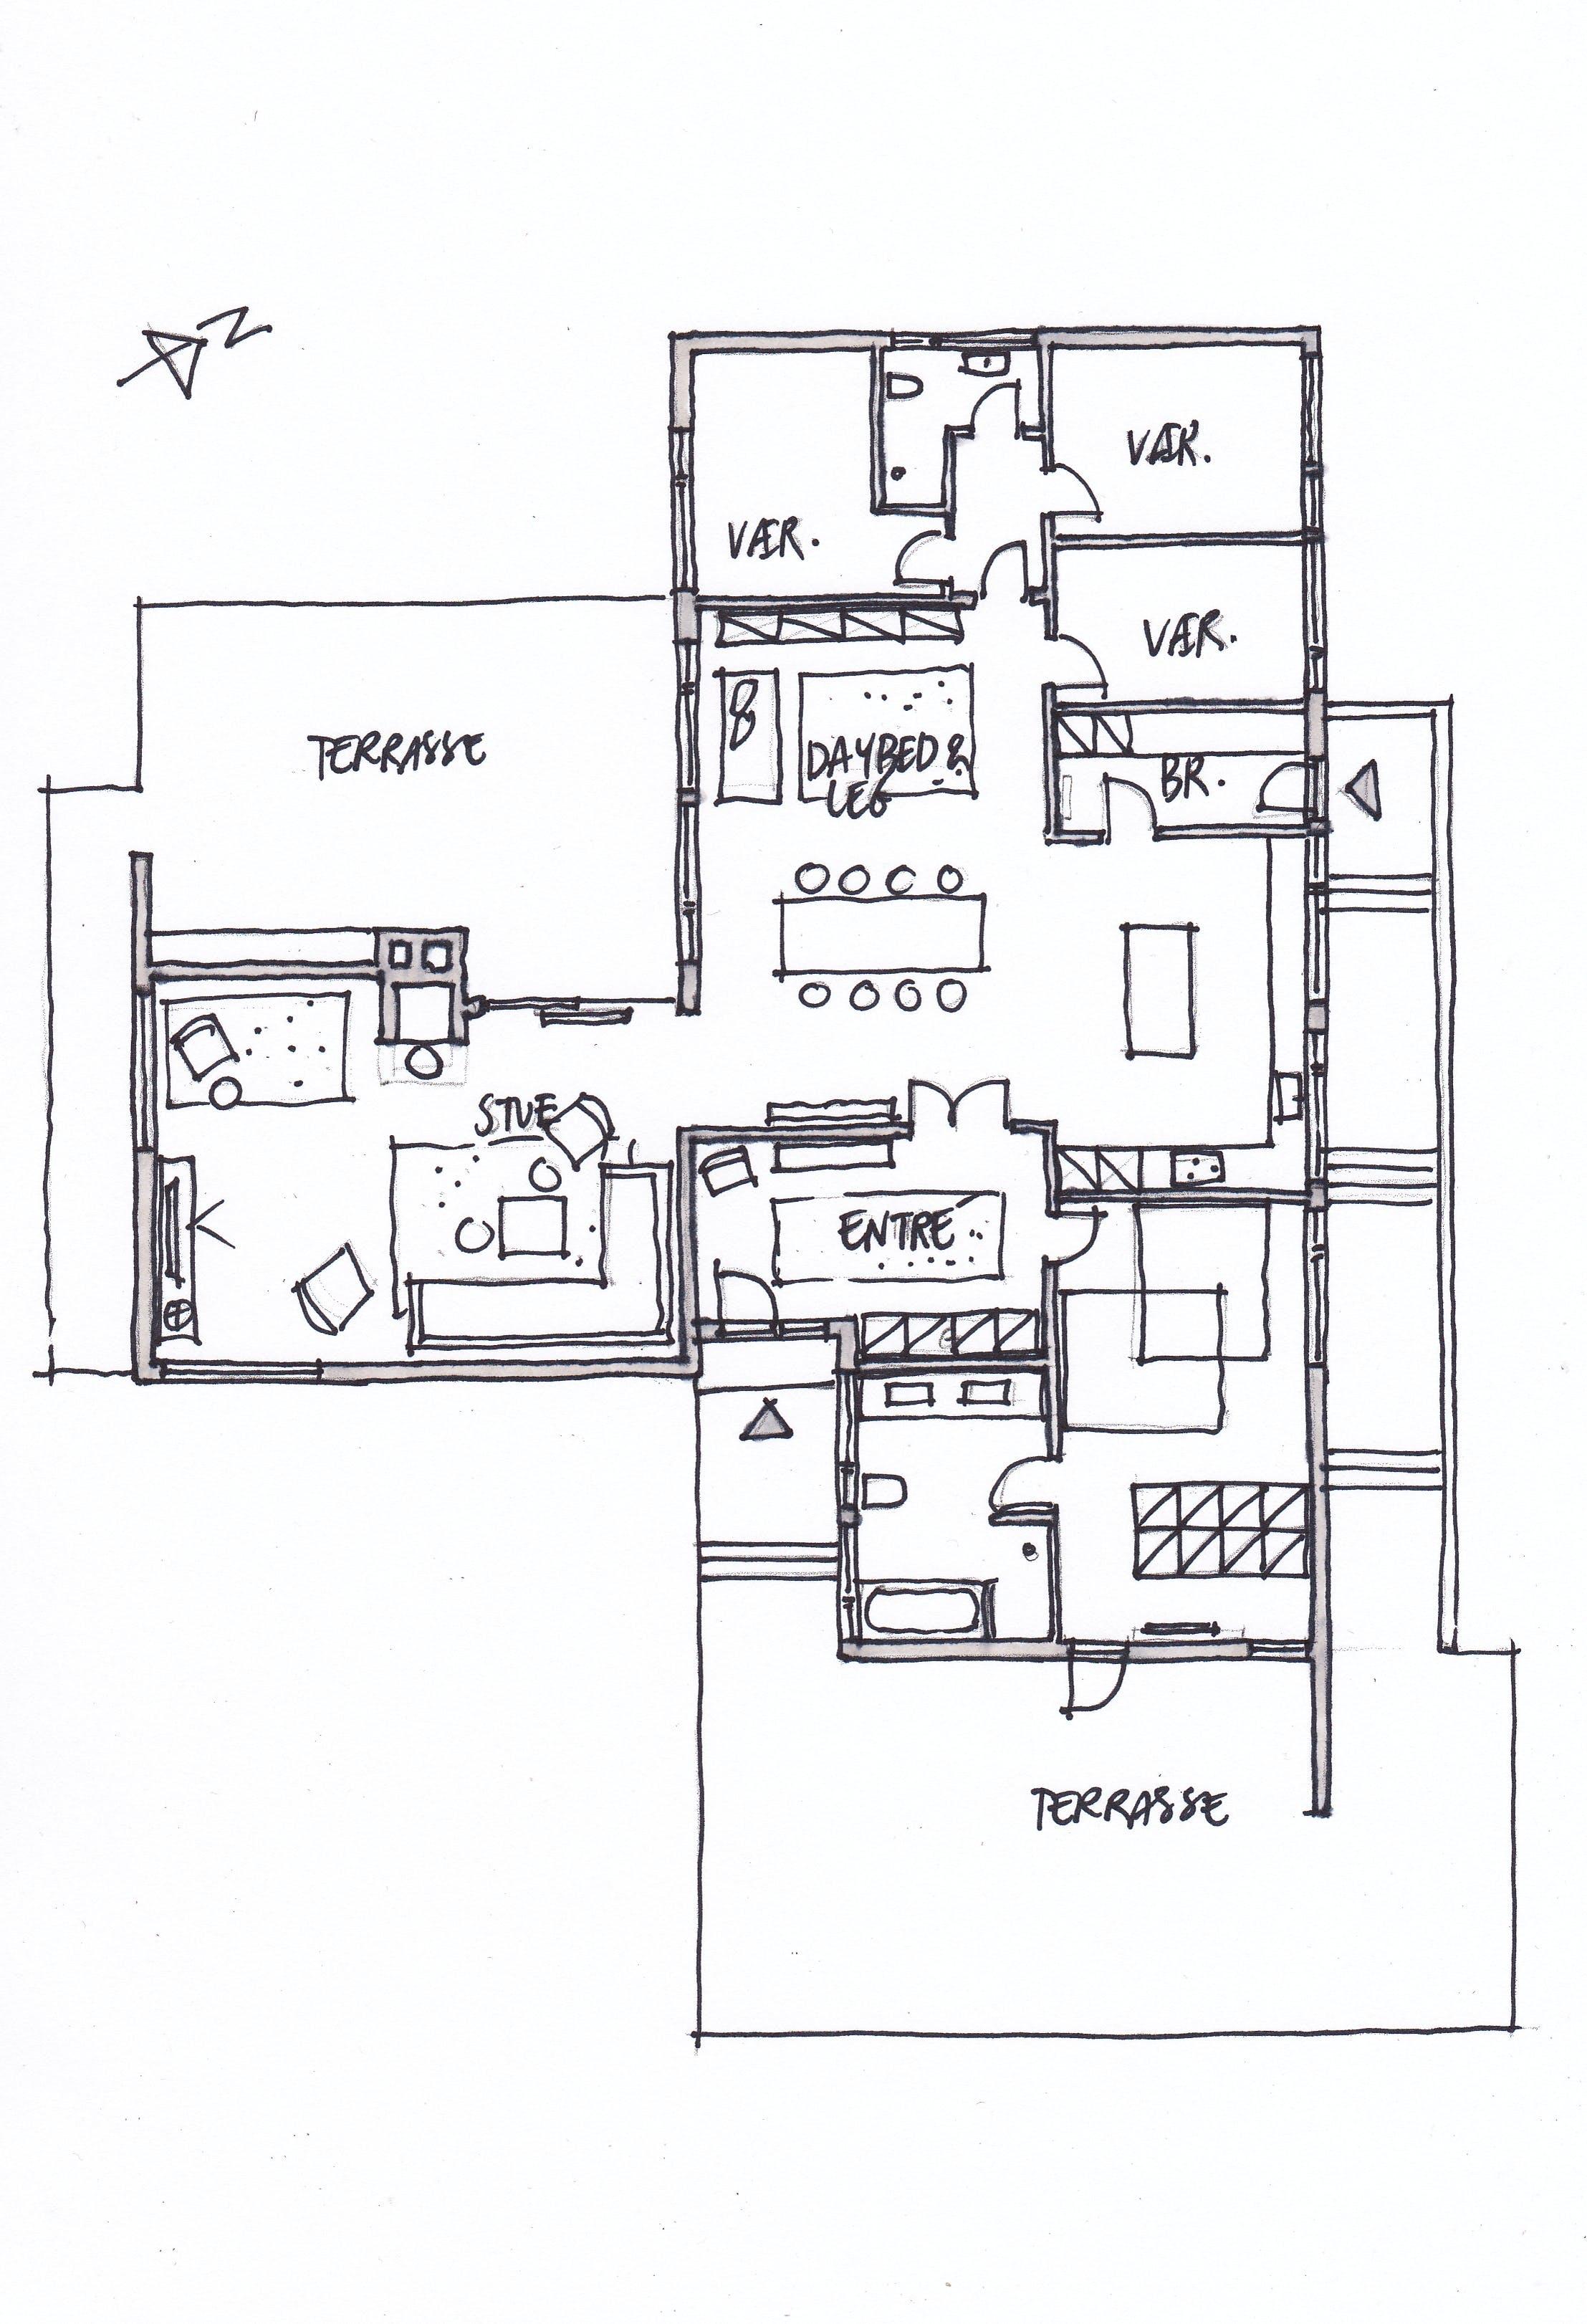 indretningstips ombygning etplanshus før og efter billede